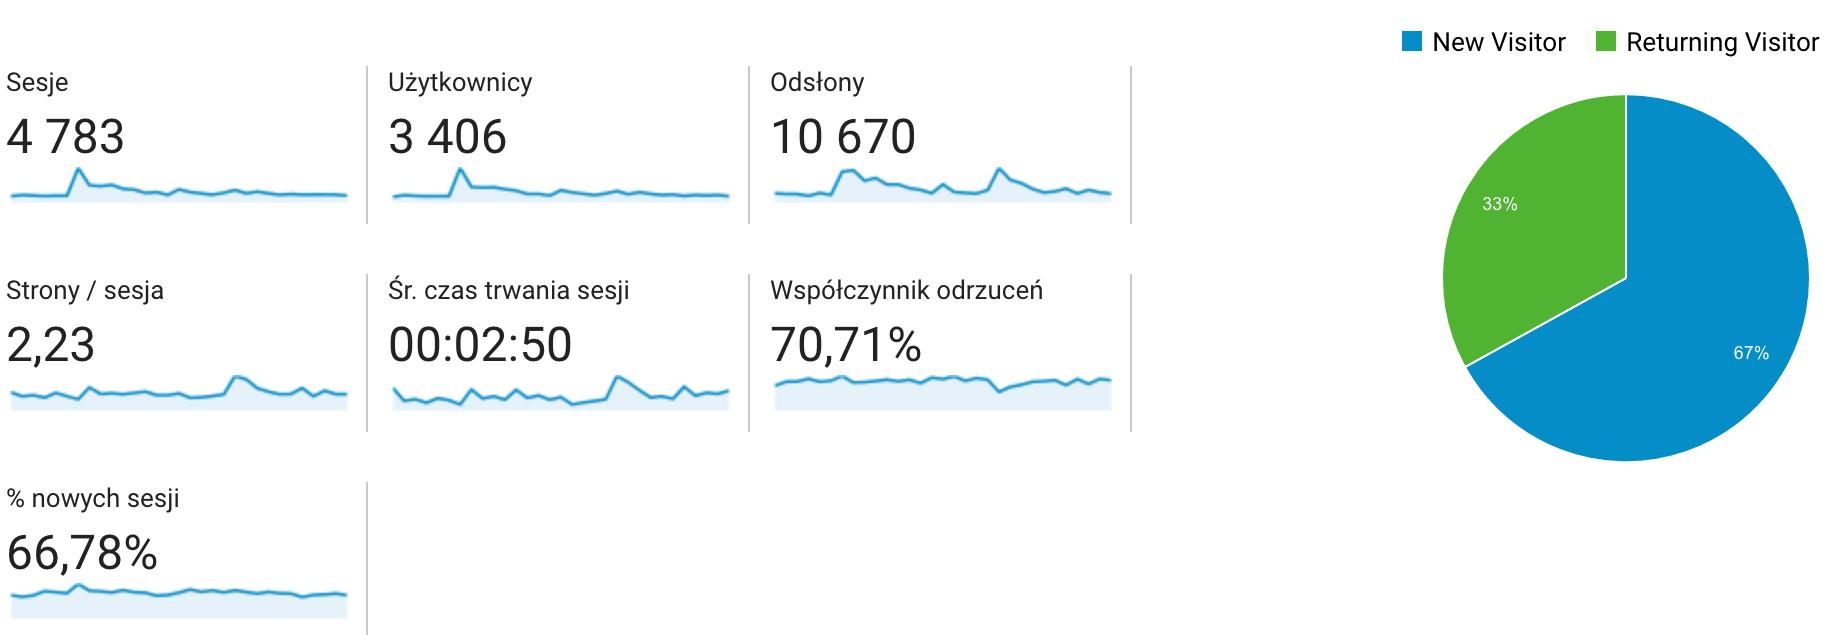 Statystki google analytics z miesiąca październik 2016